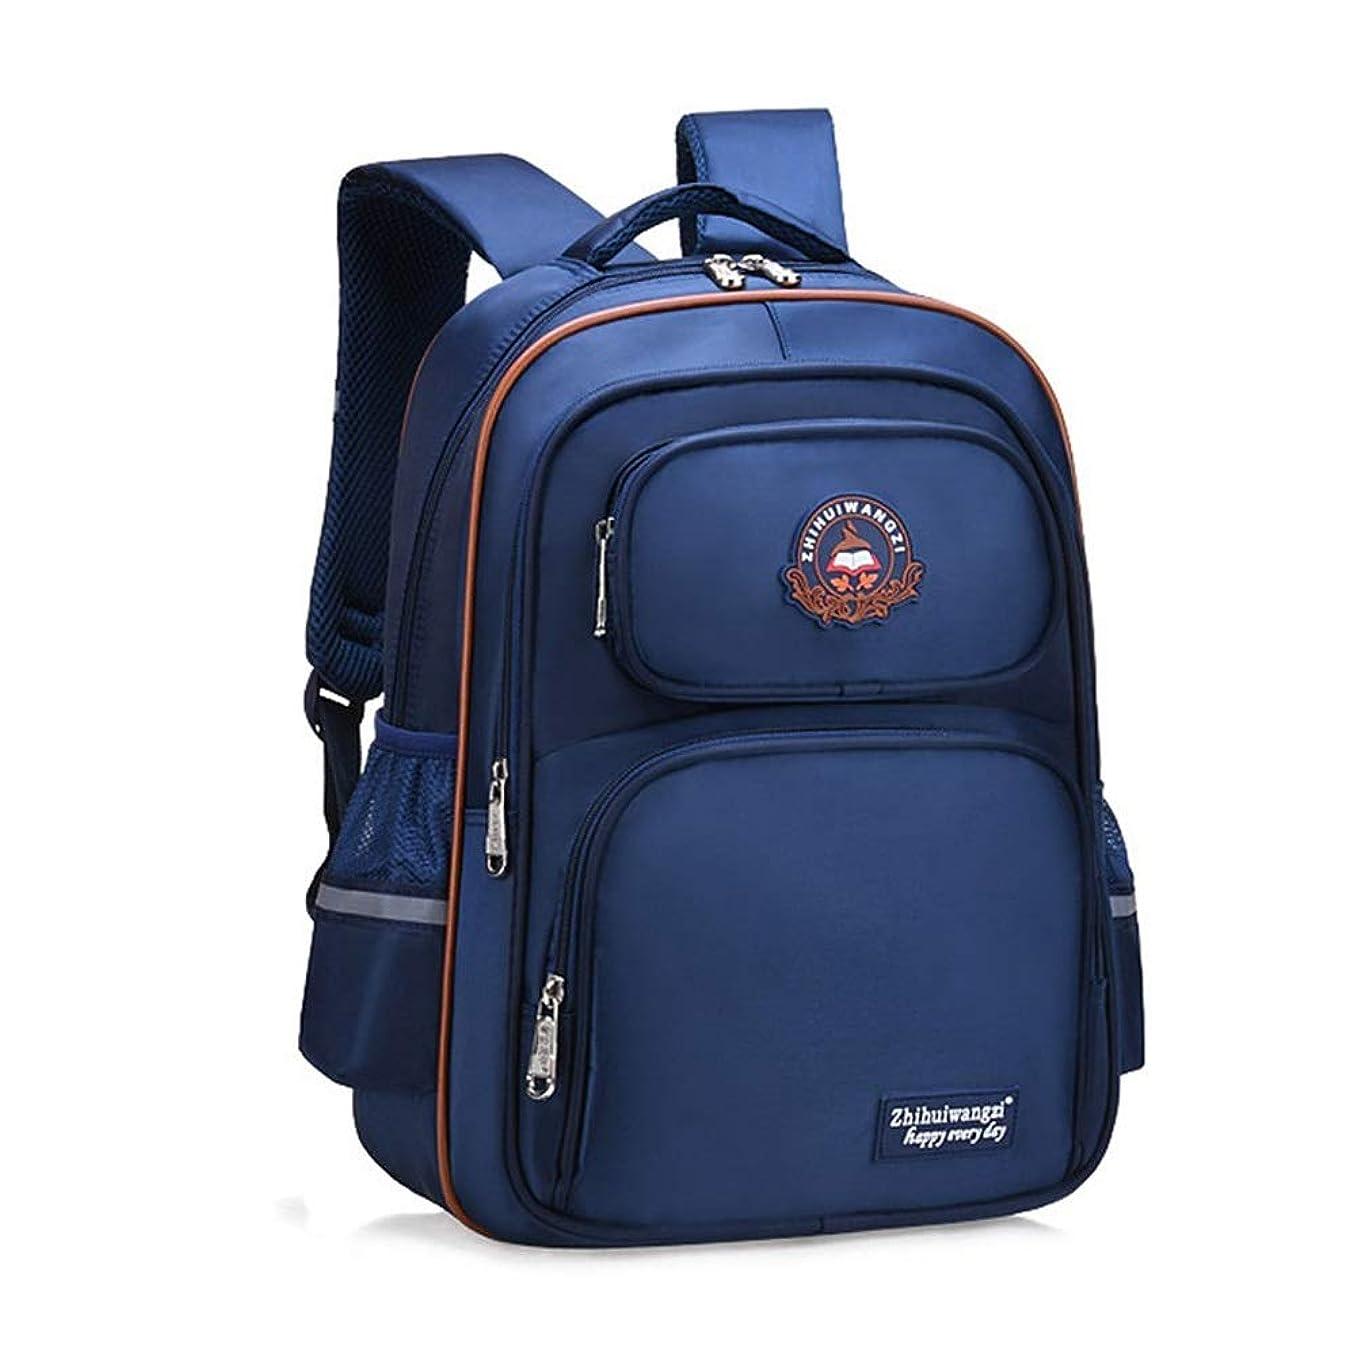 億クライアントコンサートNwn キャンパスブリティッシュウィンドバッグ男性と女性6-12歳の子供用バッグ40X18x32cm (Color : Dark blue, Size : 40X18x32cm)